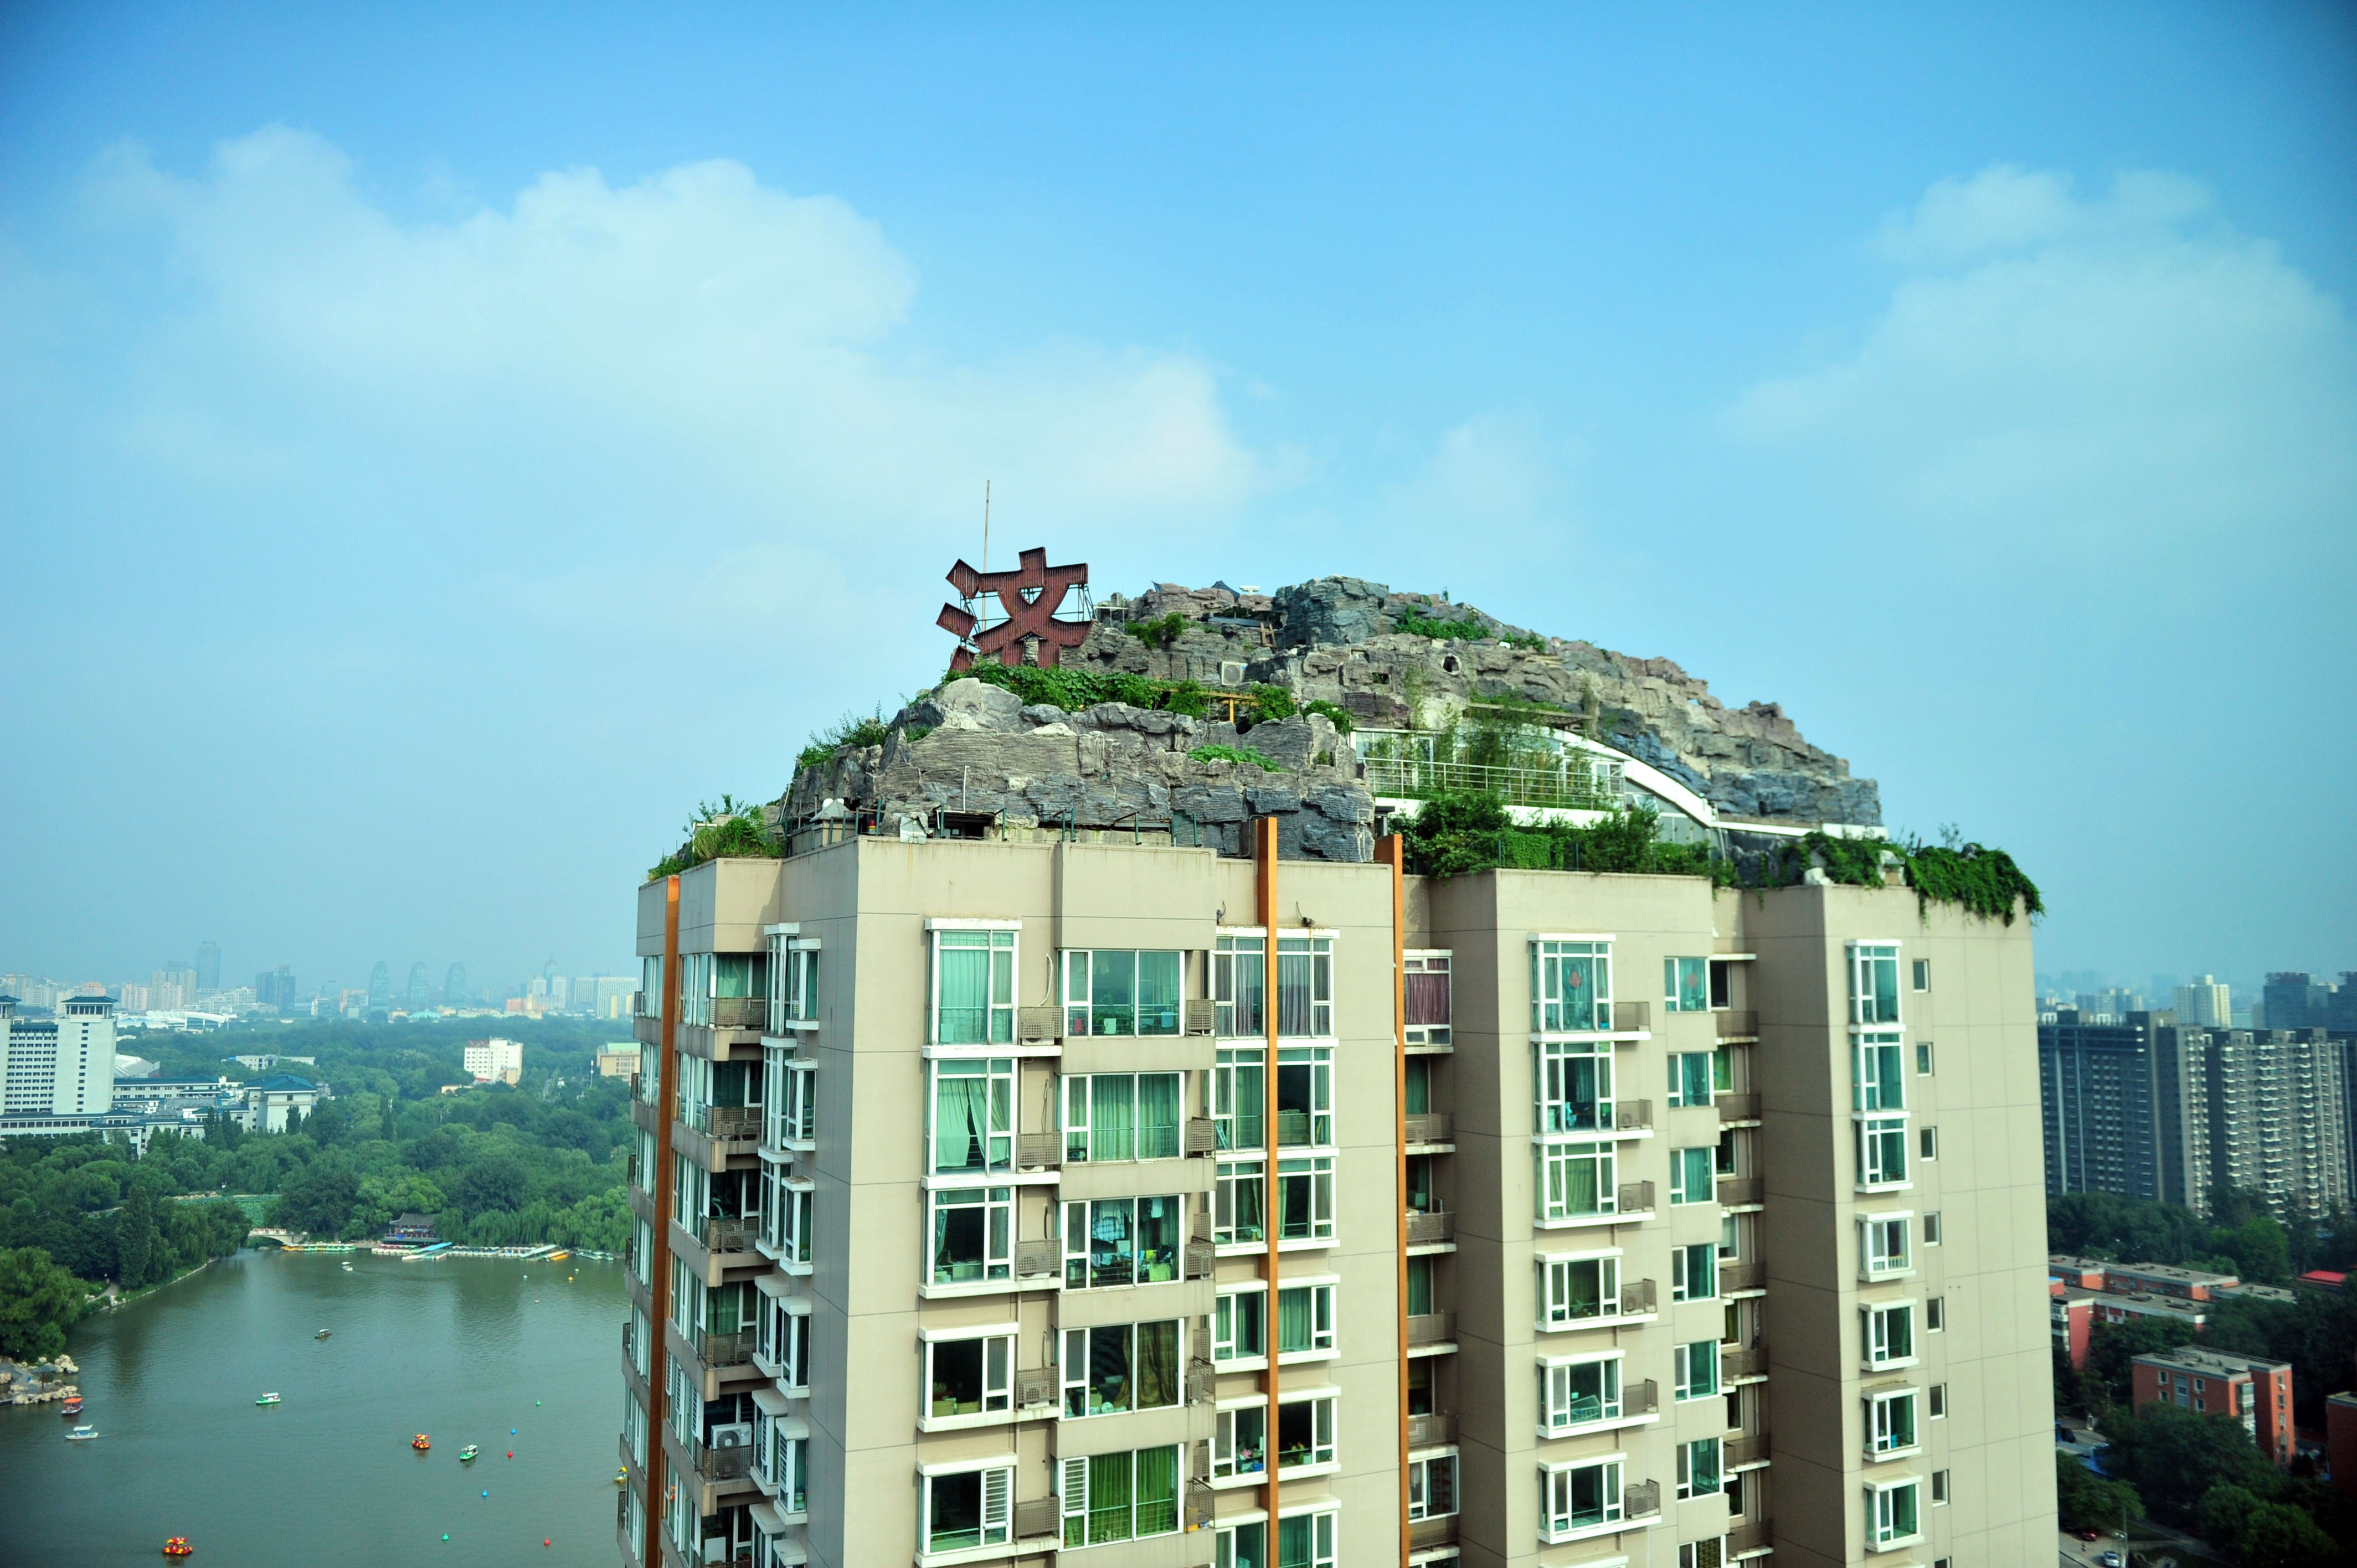 vista de la azotea del edificio de pisos en pekín